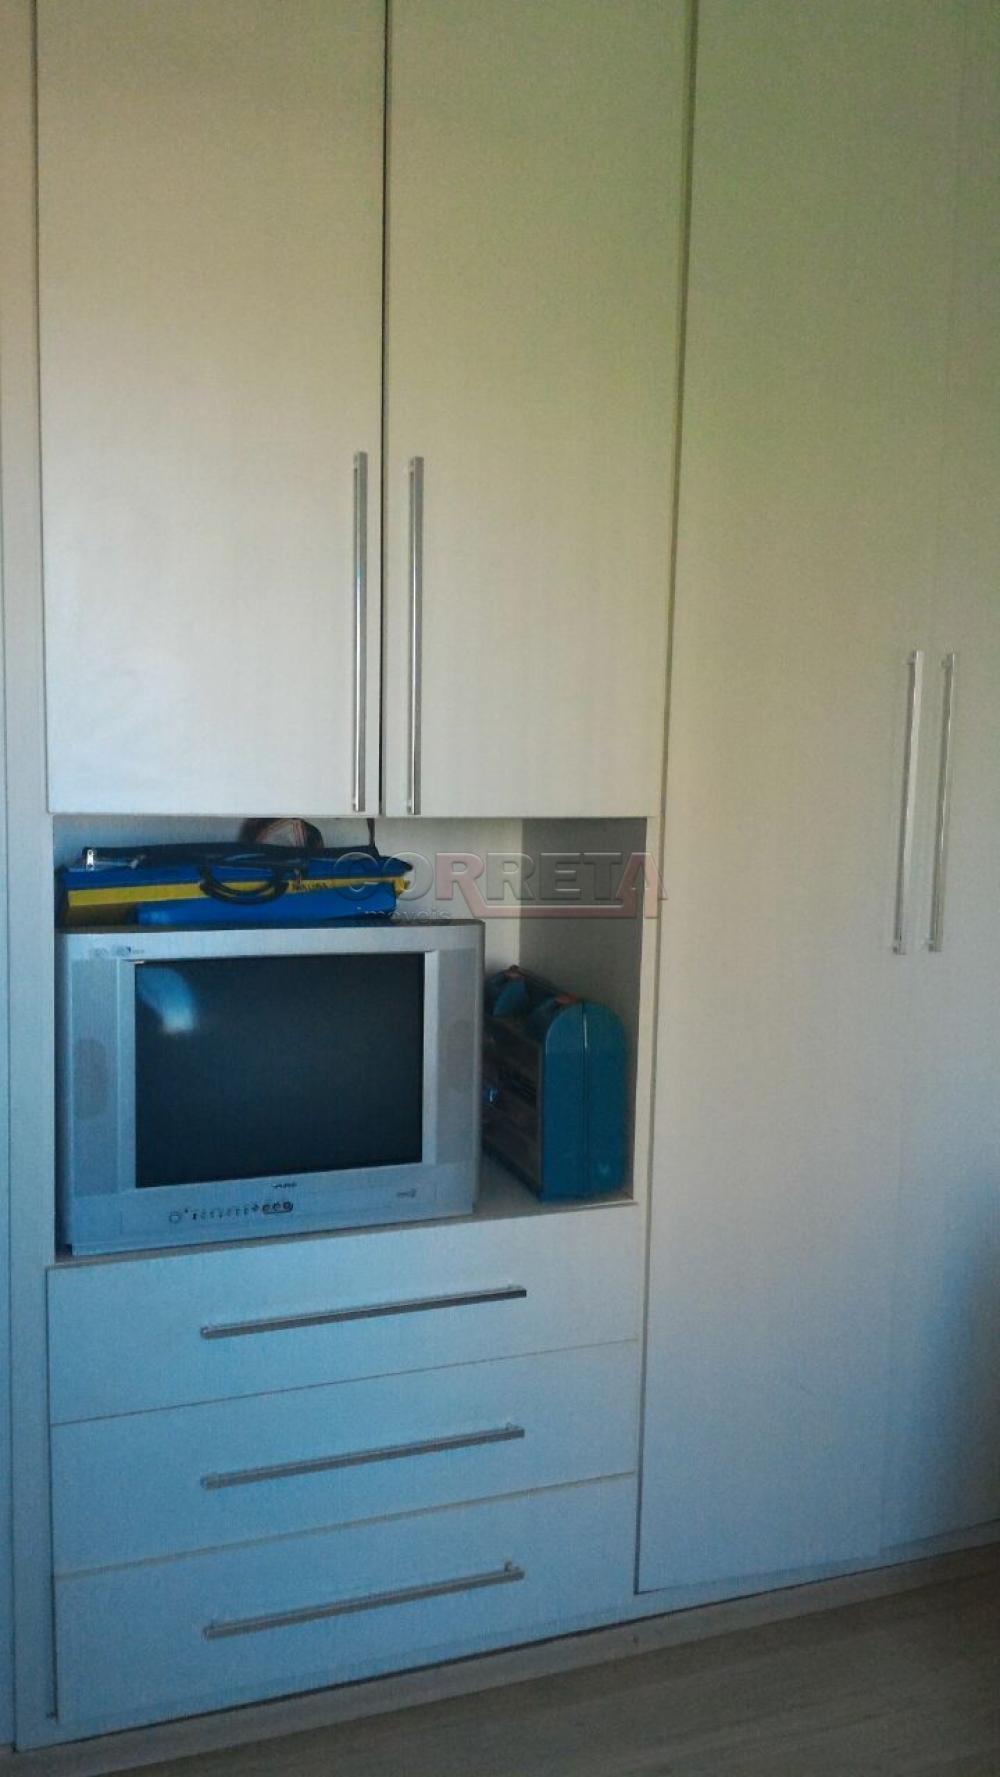 Comprar Apartamento / Padrão em Araçatuba apenas R$ 480.000,00 - Foto 5